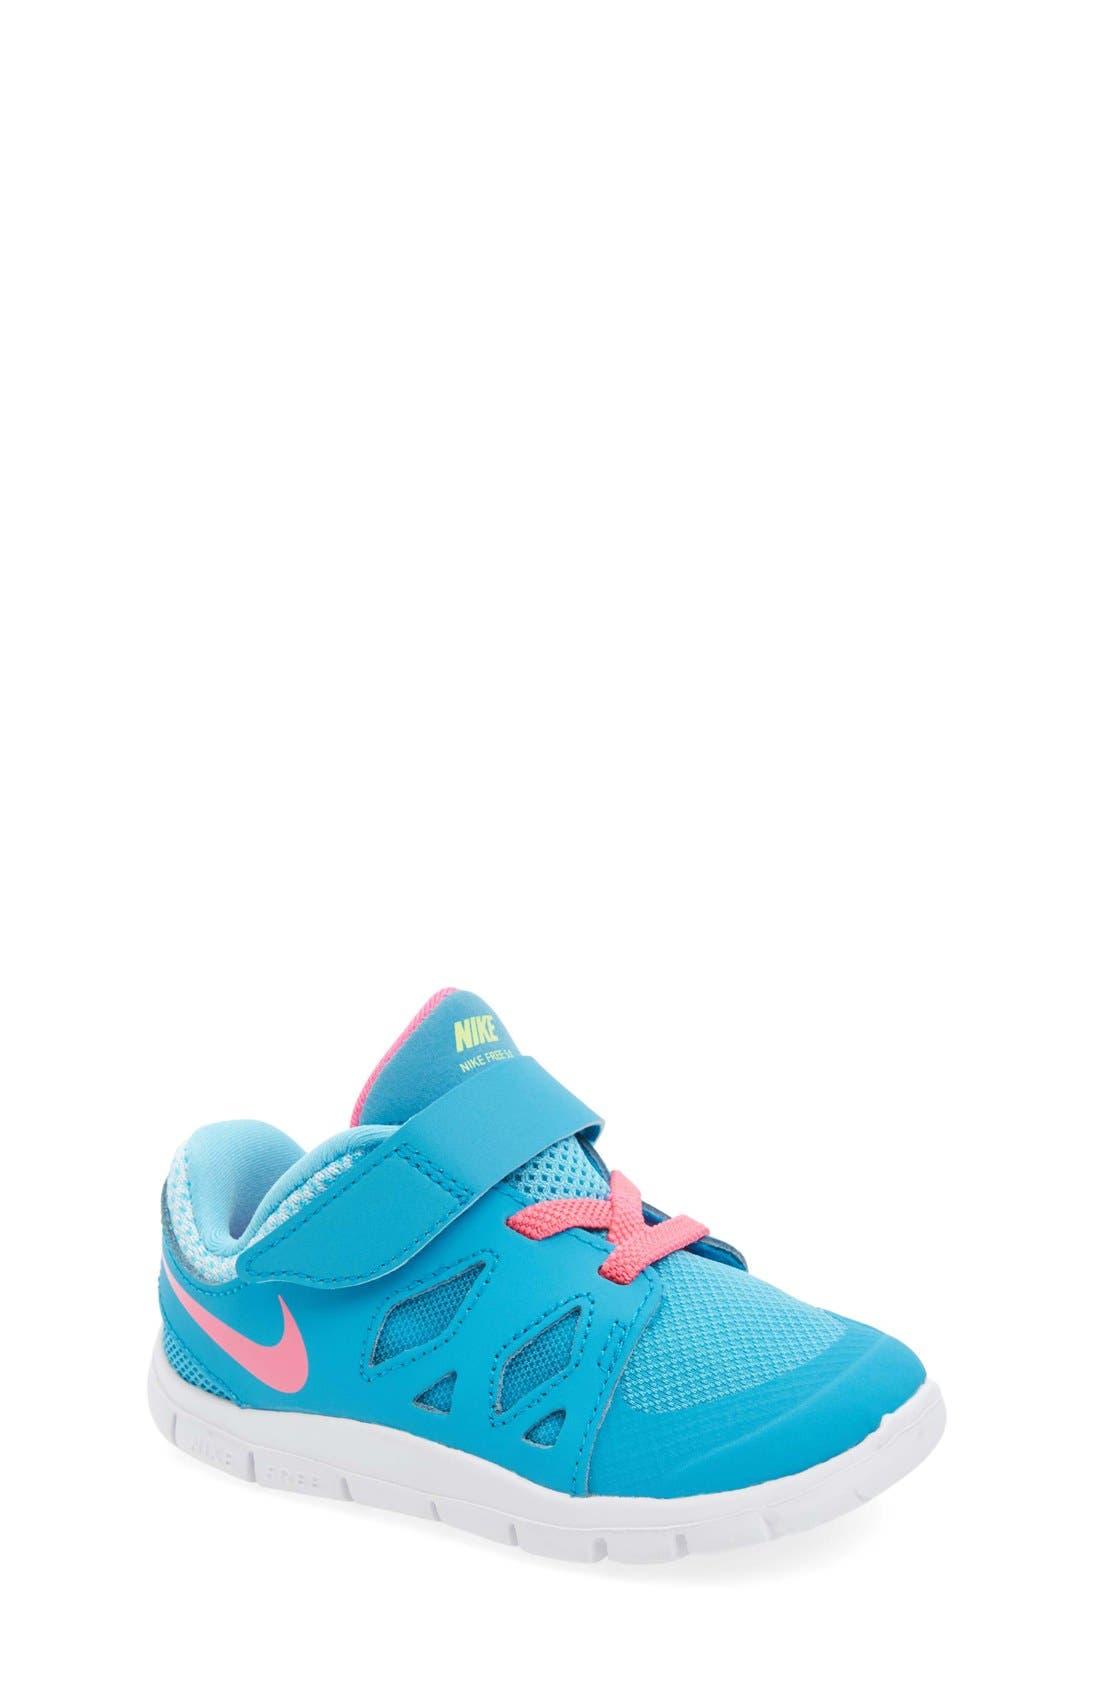 Main Image - Nike 'Free 5' Athletic Shoe (Baby, Walker & Toddler)